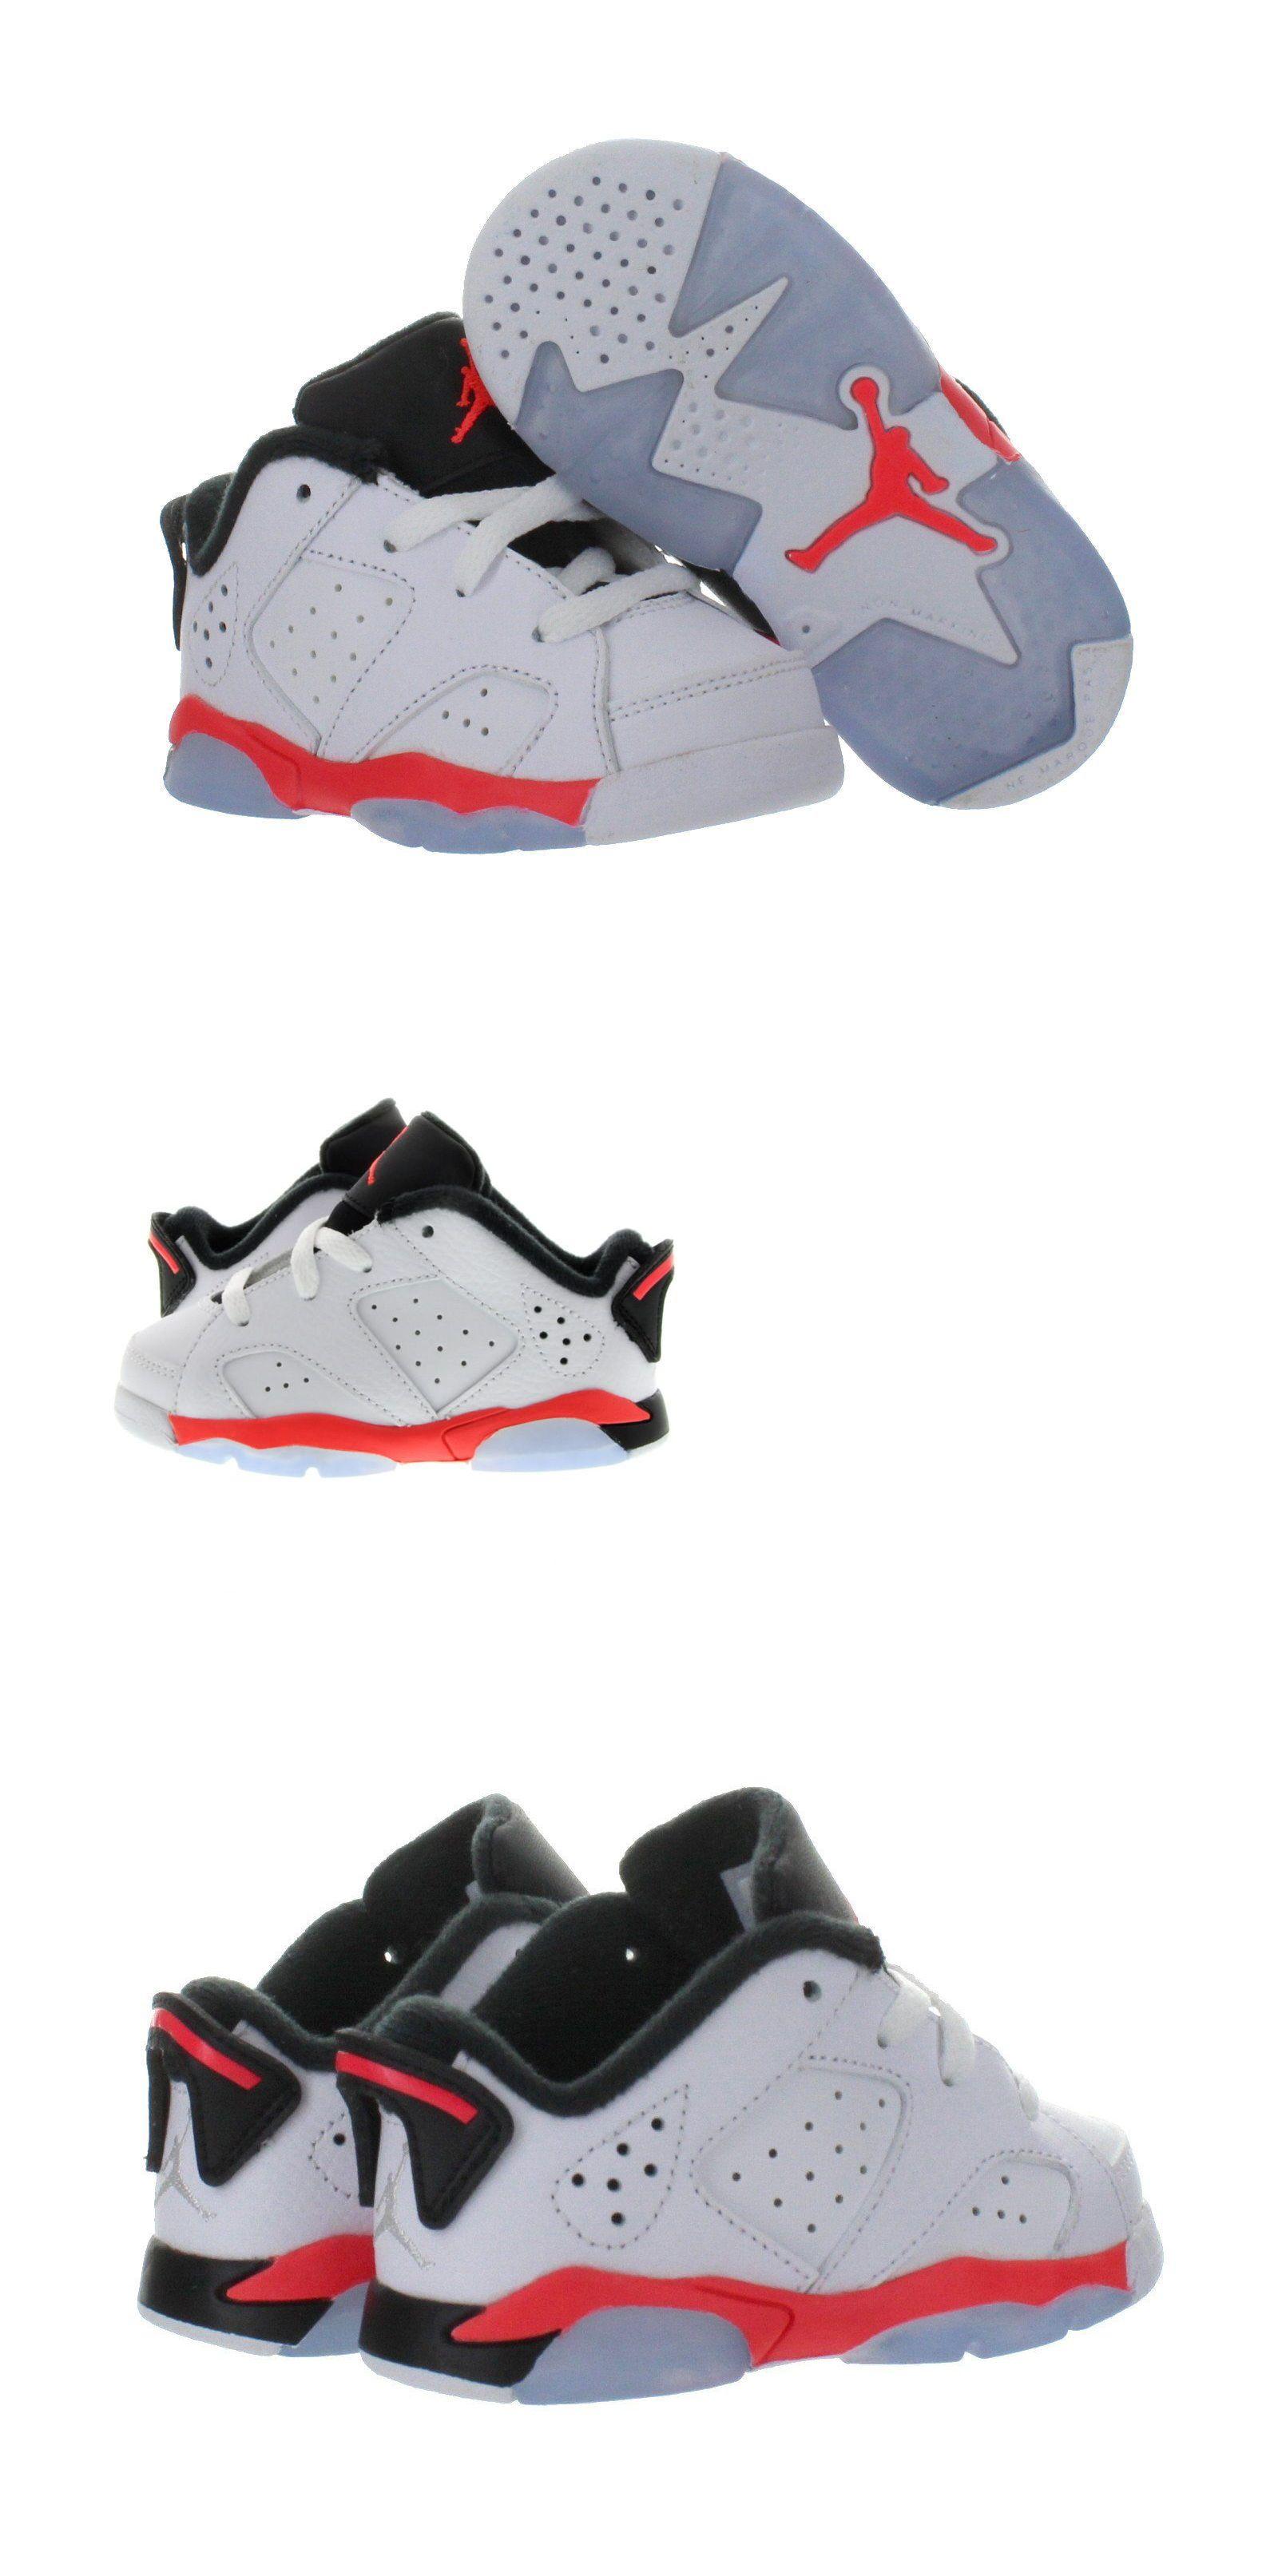 Baby Shoes Toddler Nike Air Jordan Vi 6 Retro Sneakers New